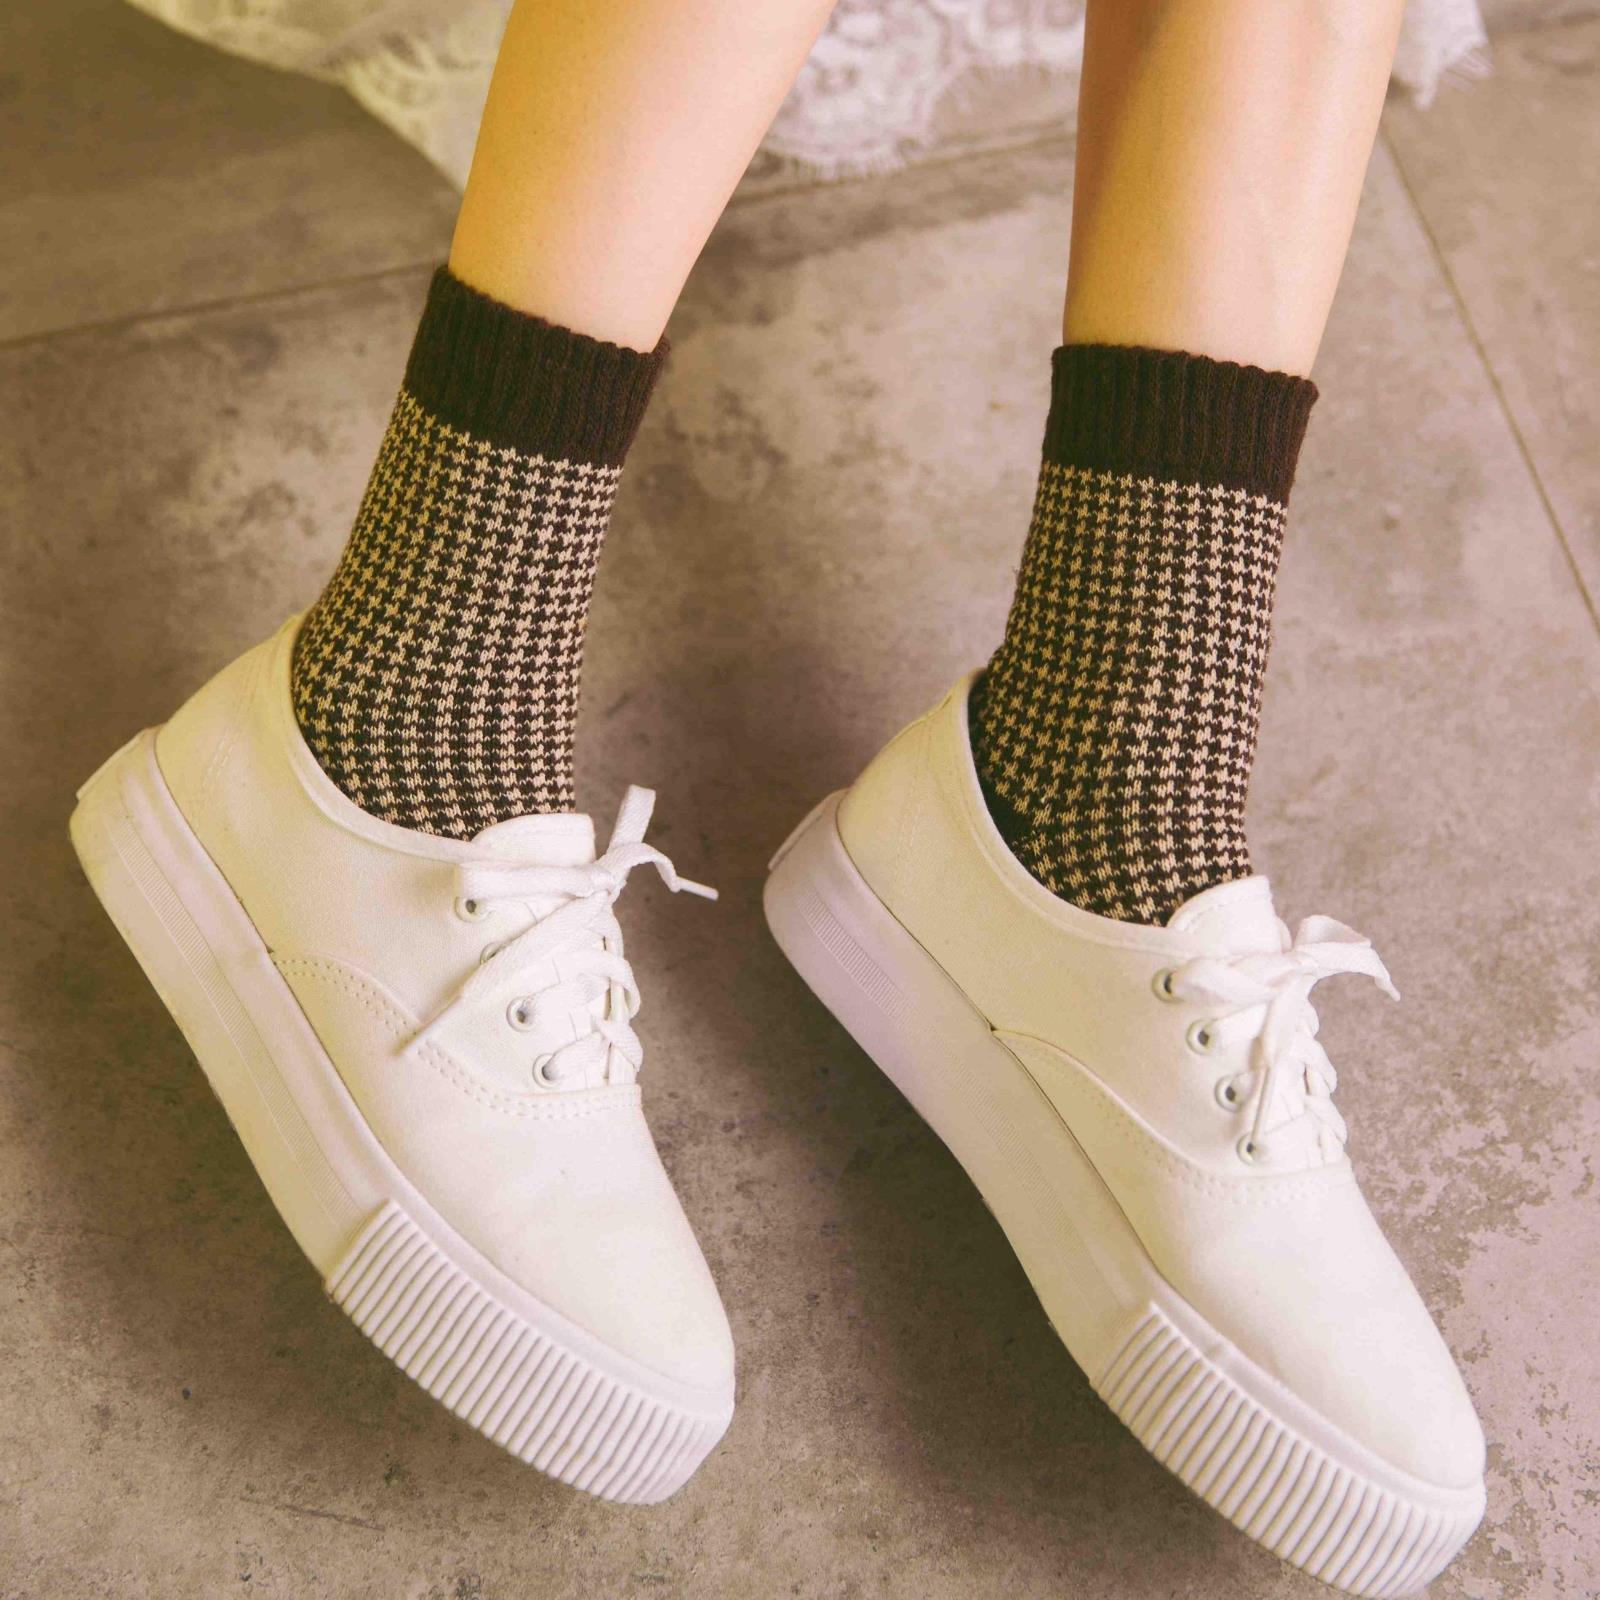 秋冬款女士羊毛袜加厚保暖厚款潮流女式袜子千鸟格中筒袜打底短袜